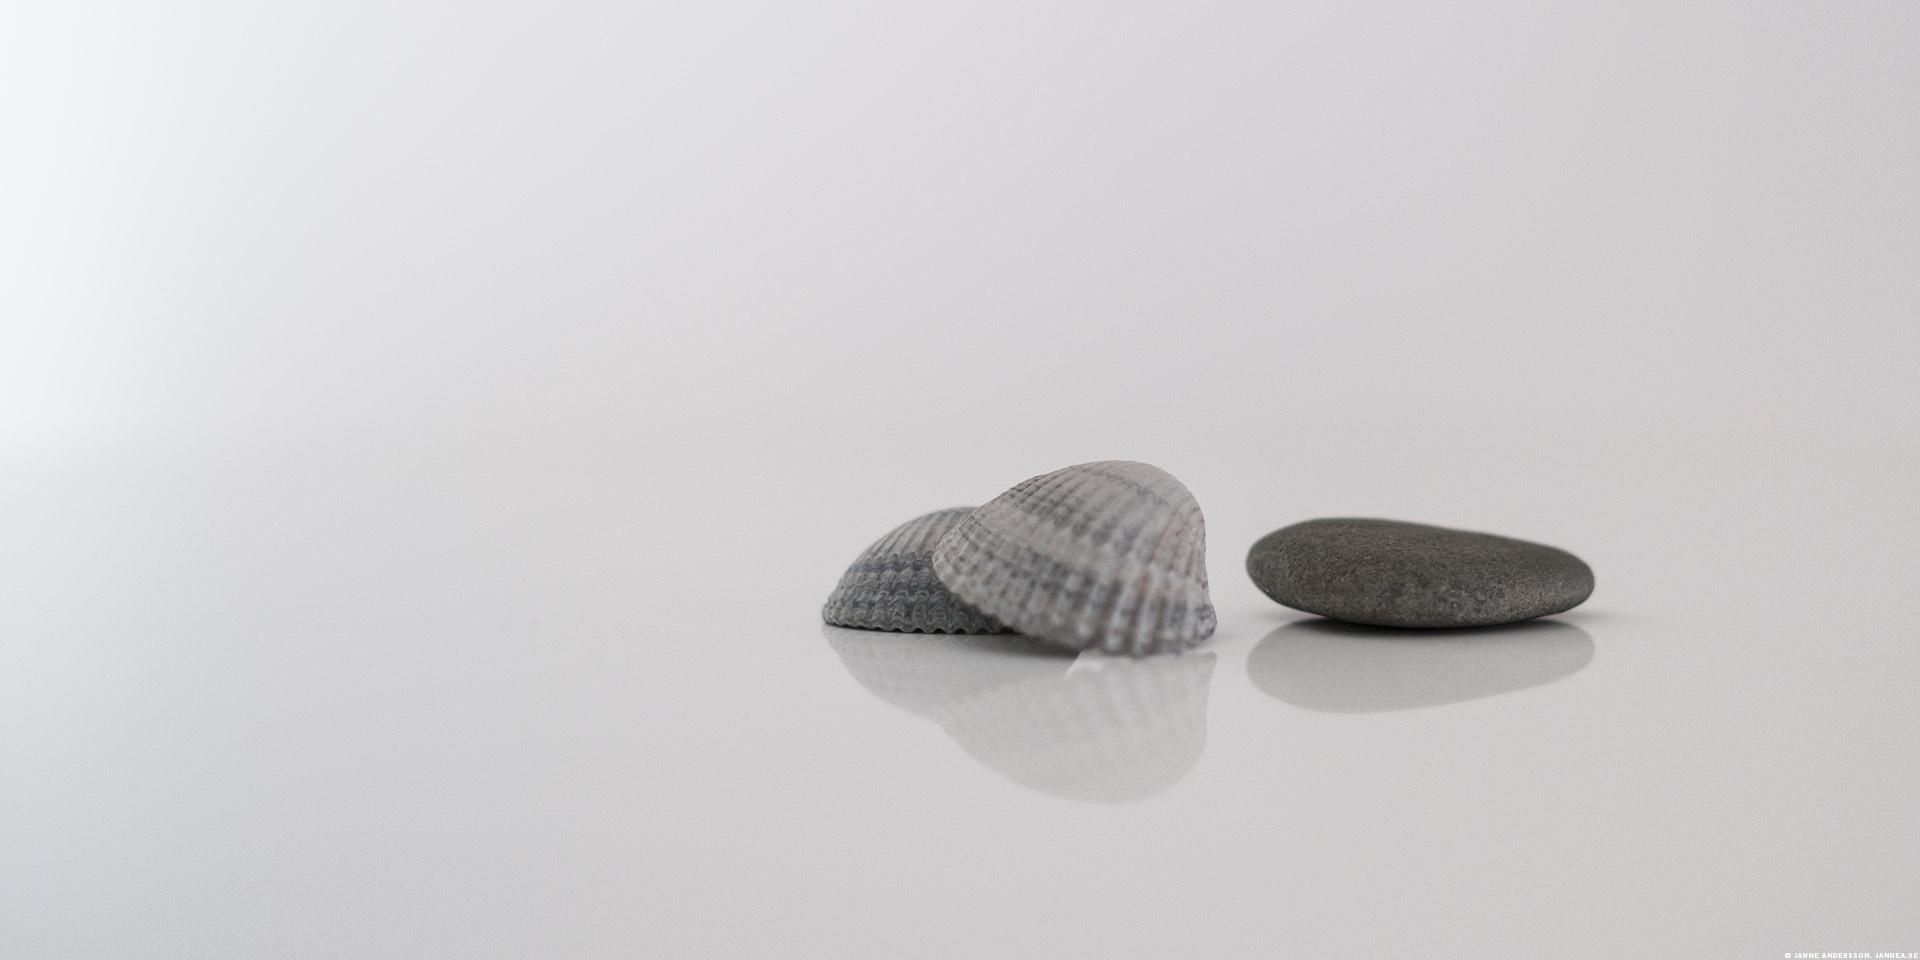 Fler stenar (snäckor) till samlingen |© Janne A